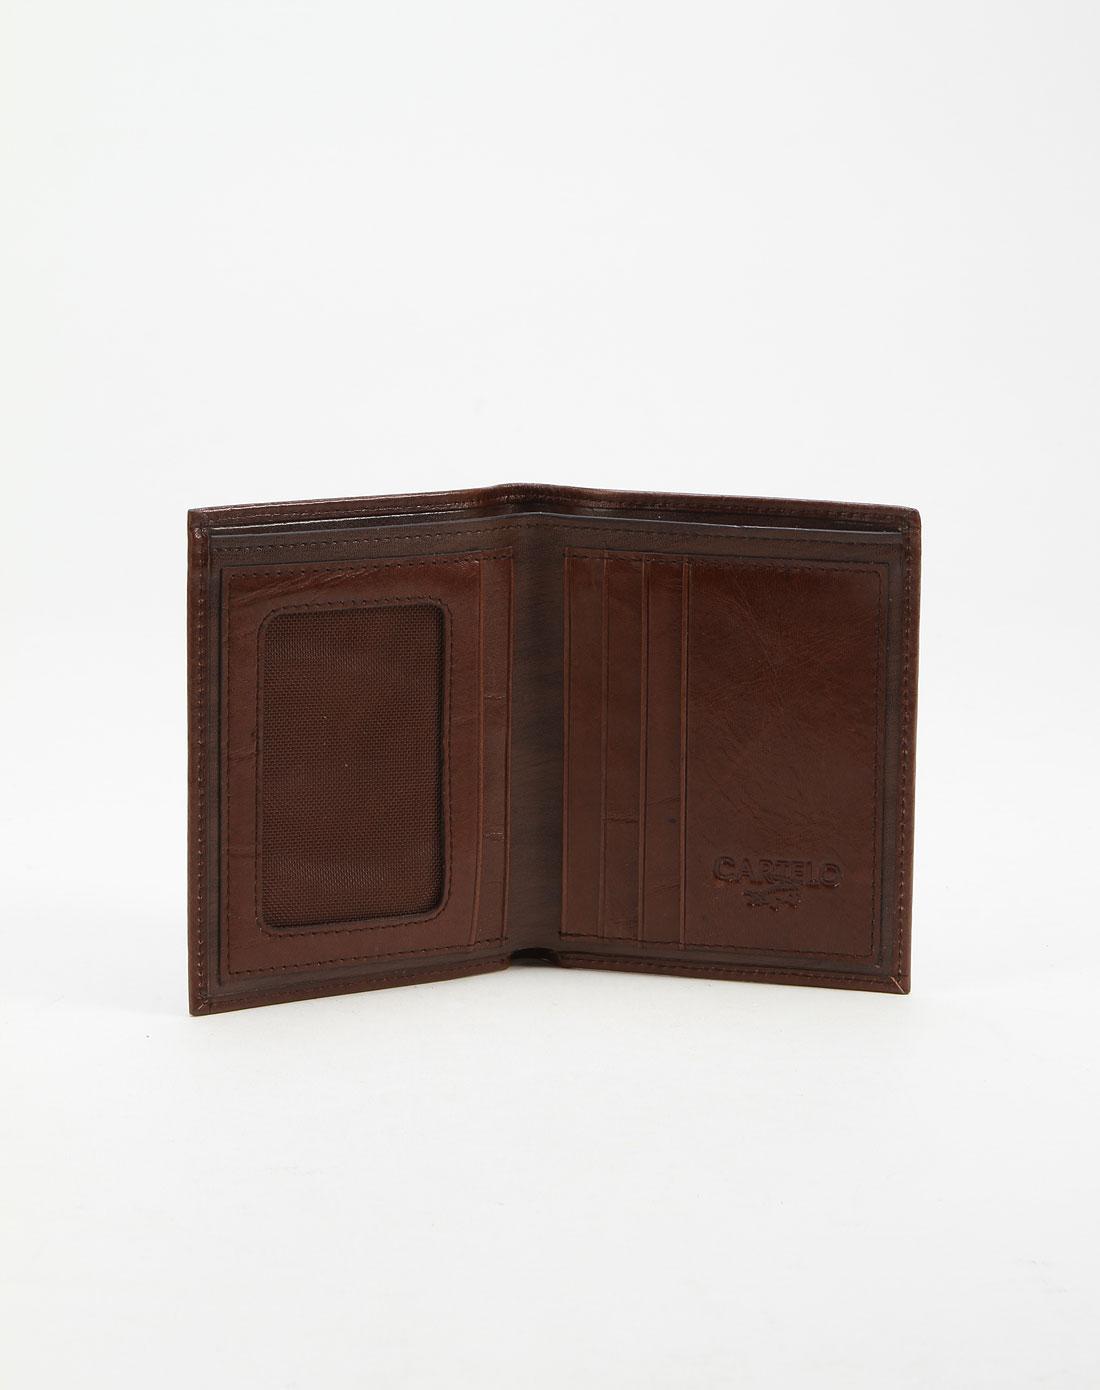 卡帝乐鳄鱼 ] 男款浅黄啡色个性标志钱包